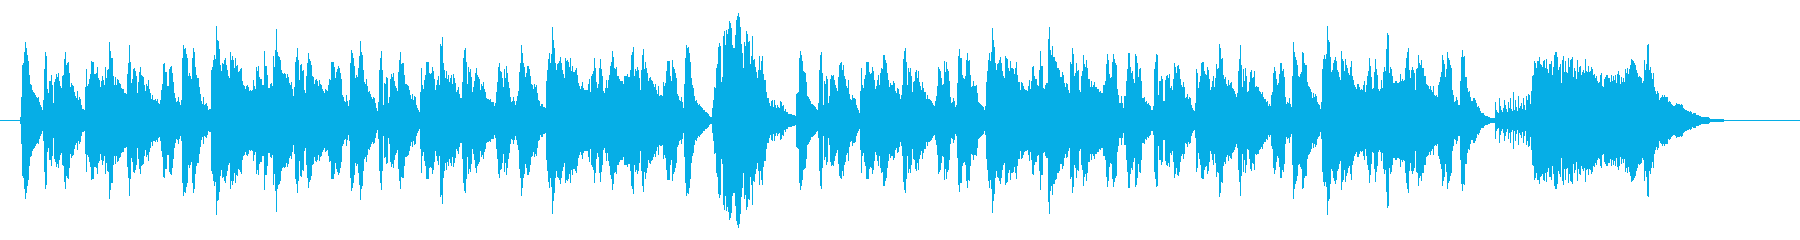 ほのぼの日常、ちょっと良いこと発見!?の再生済みの波形